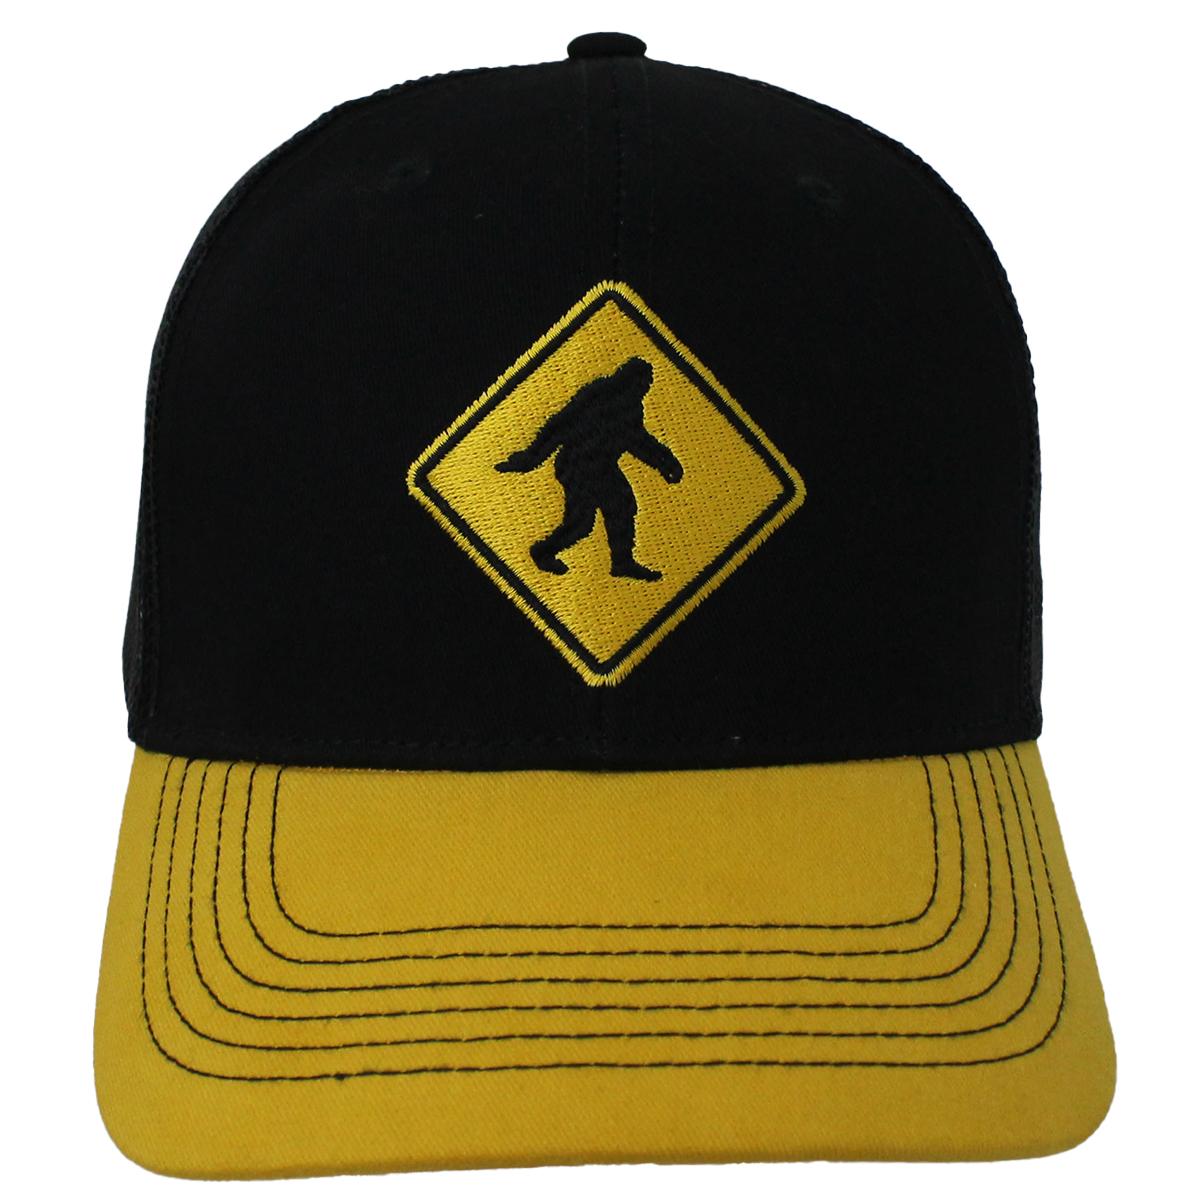 LEGENDS BIGFOOT CROSSING CAP